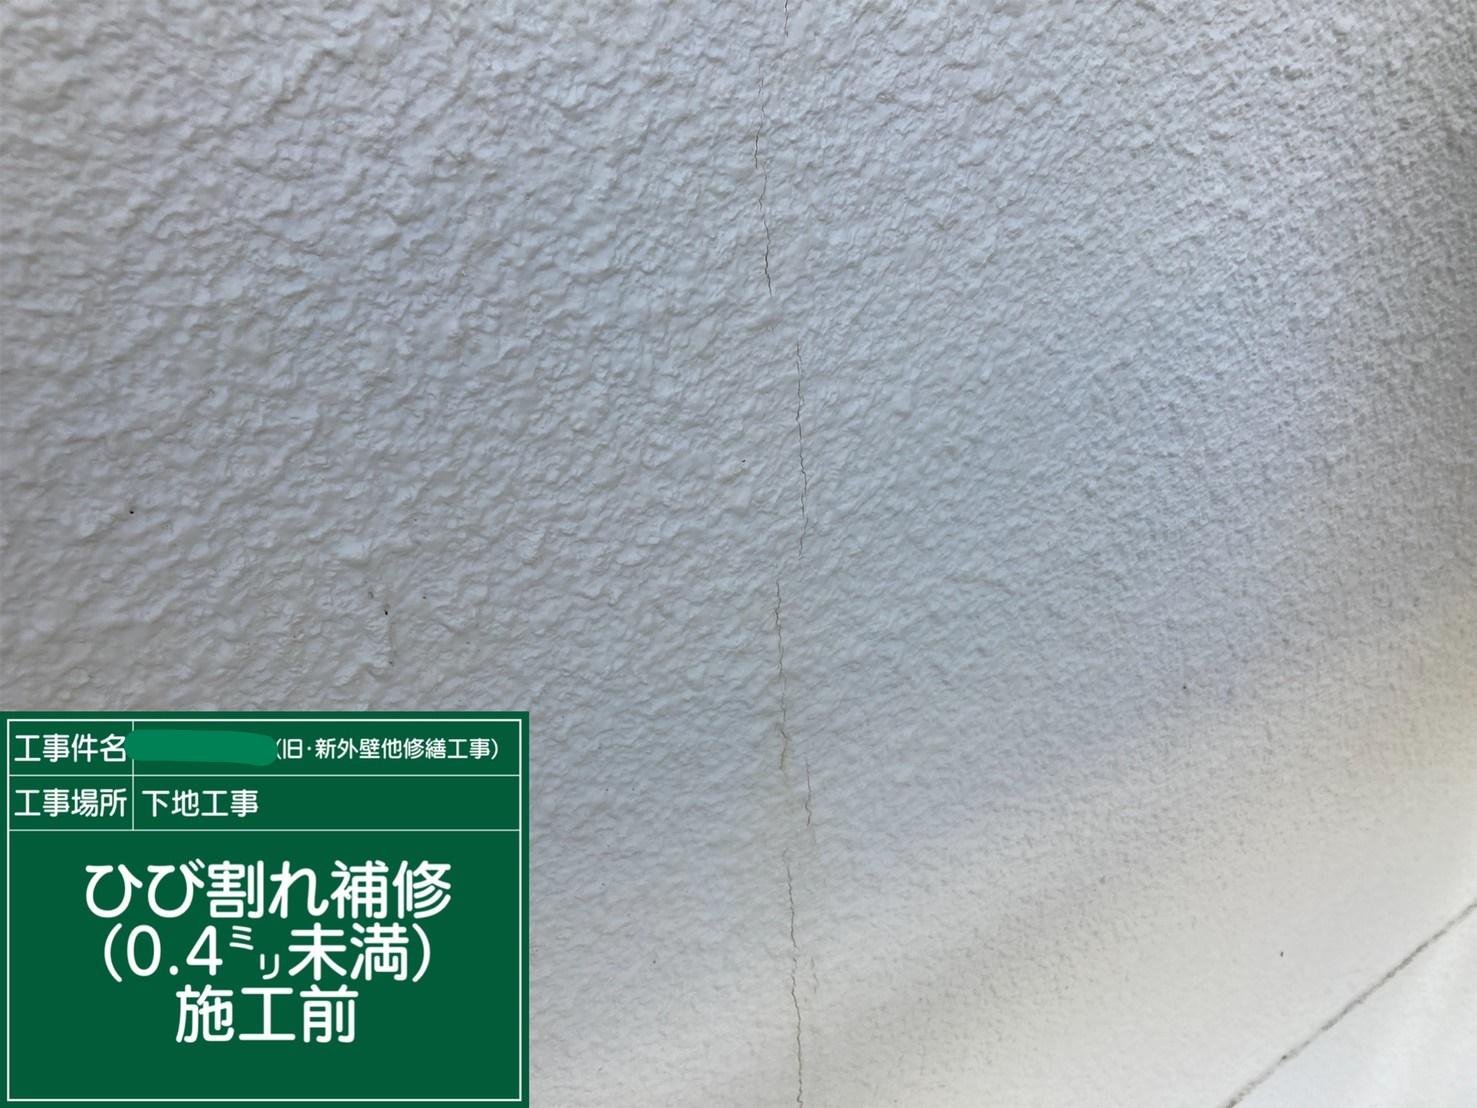 【ひび割れ補修 0.4㎜未満】①施工前